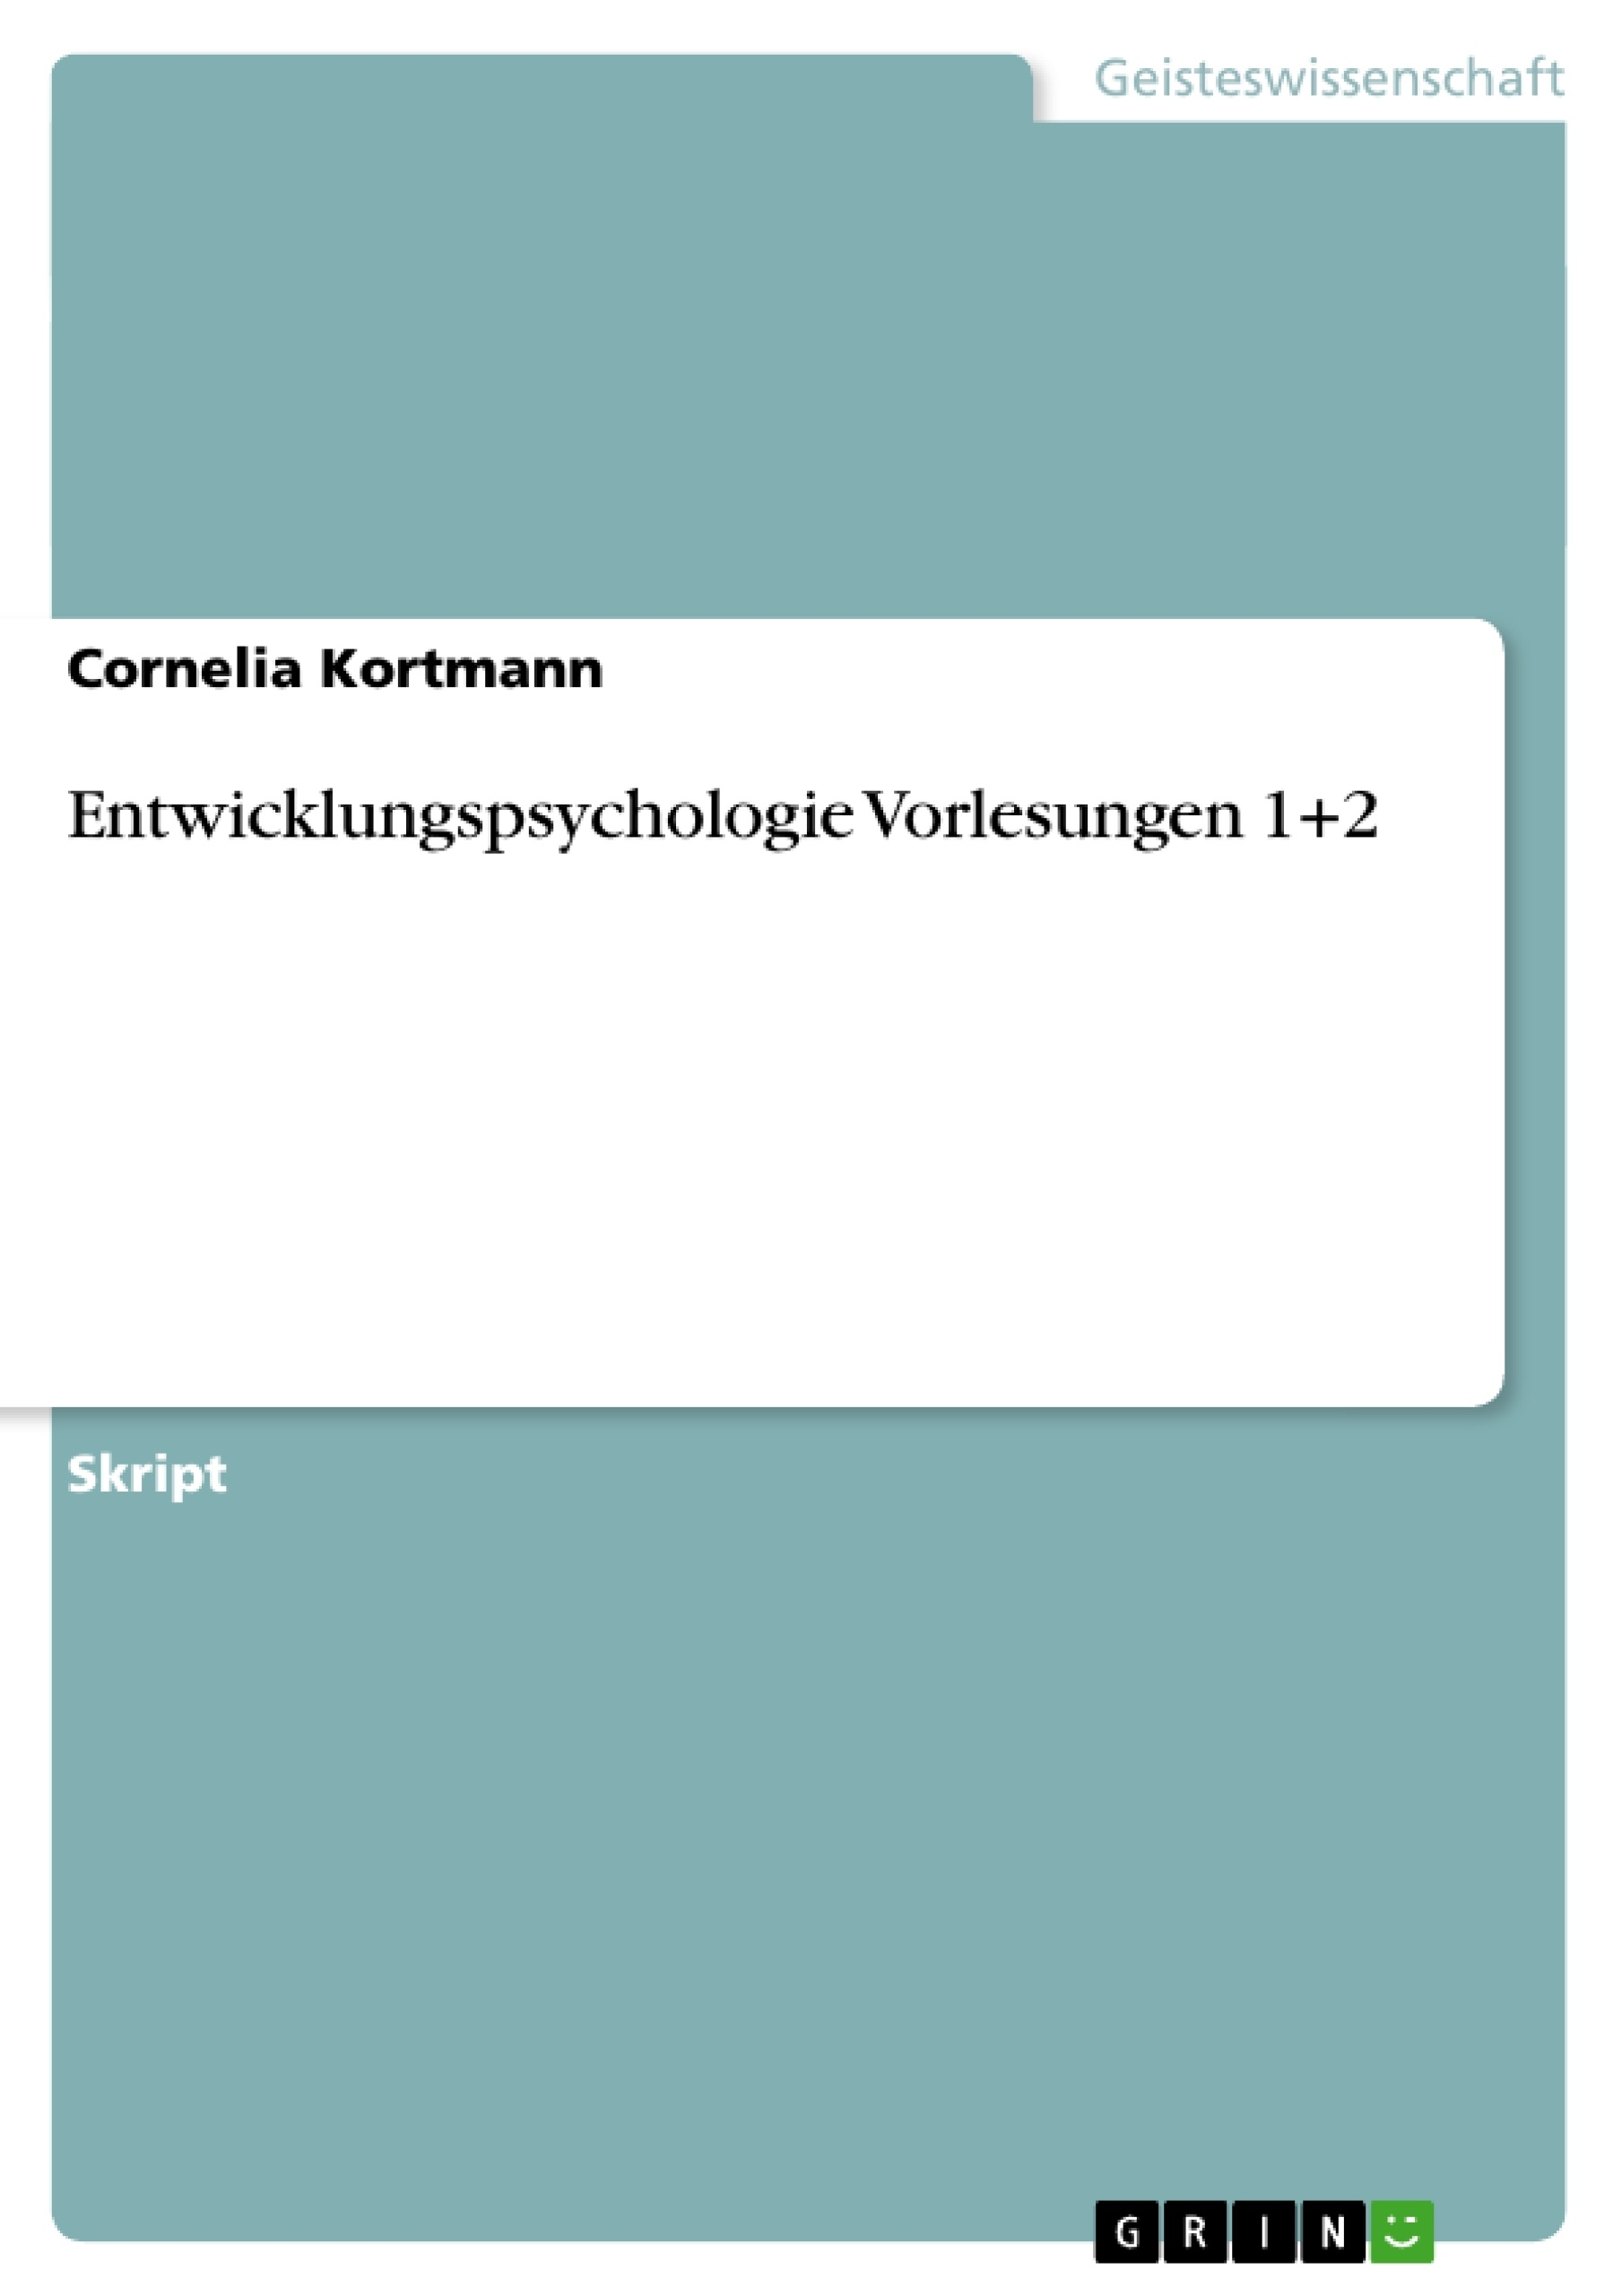 Titel: Entwicklungspsychologie Vorlesungen 1+2